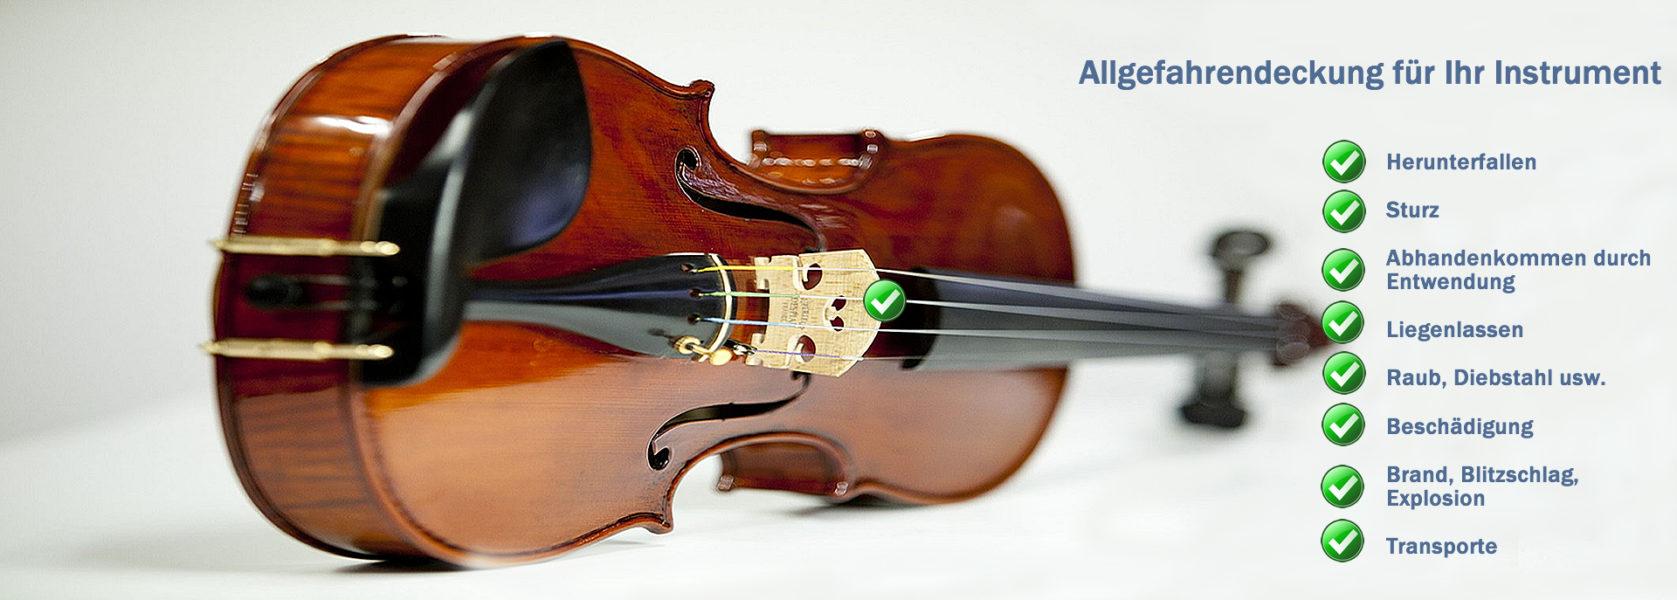 Die Musikinstrumente-Versicherung bietet Schutz bei Beschädigung oder Verlust Ihres Instrumentes